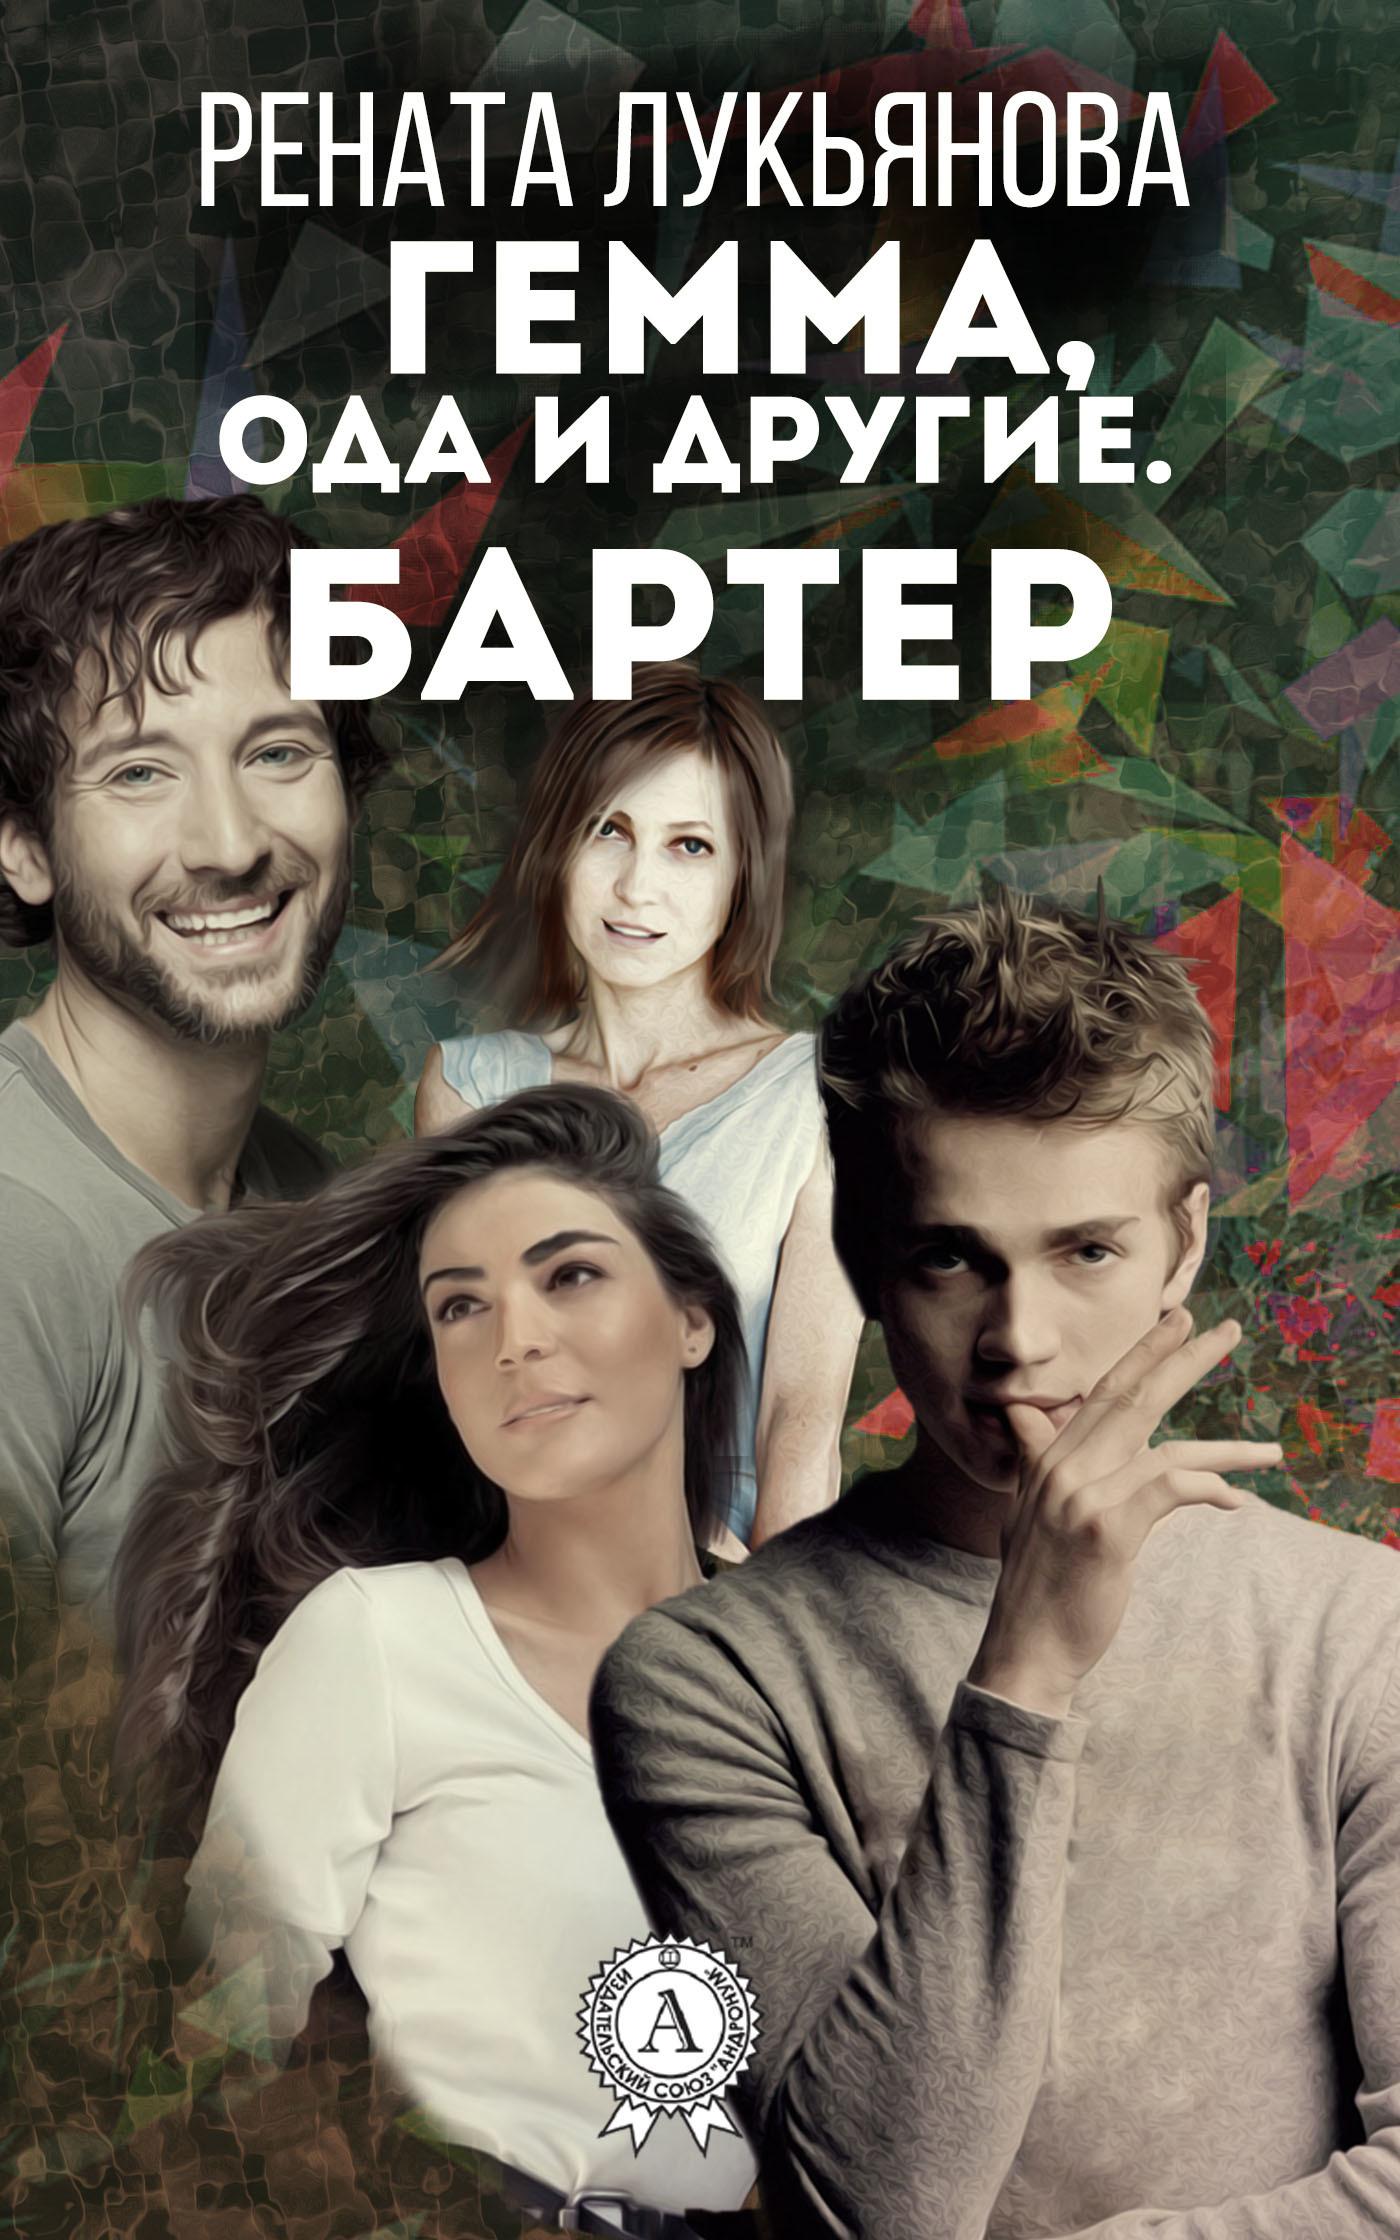 Рената Лукьянова - Гемма, ода и другие. Бартер